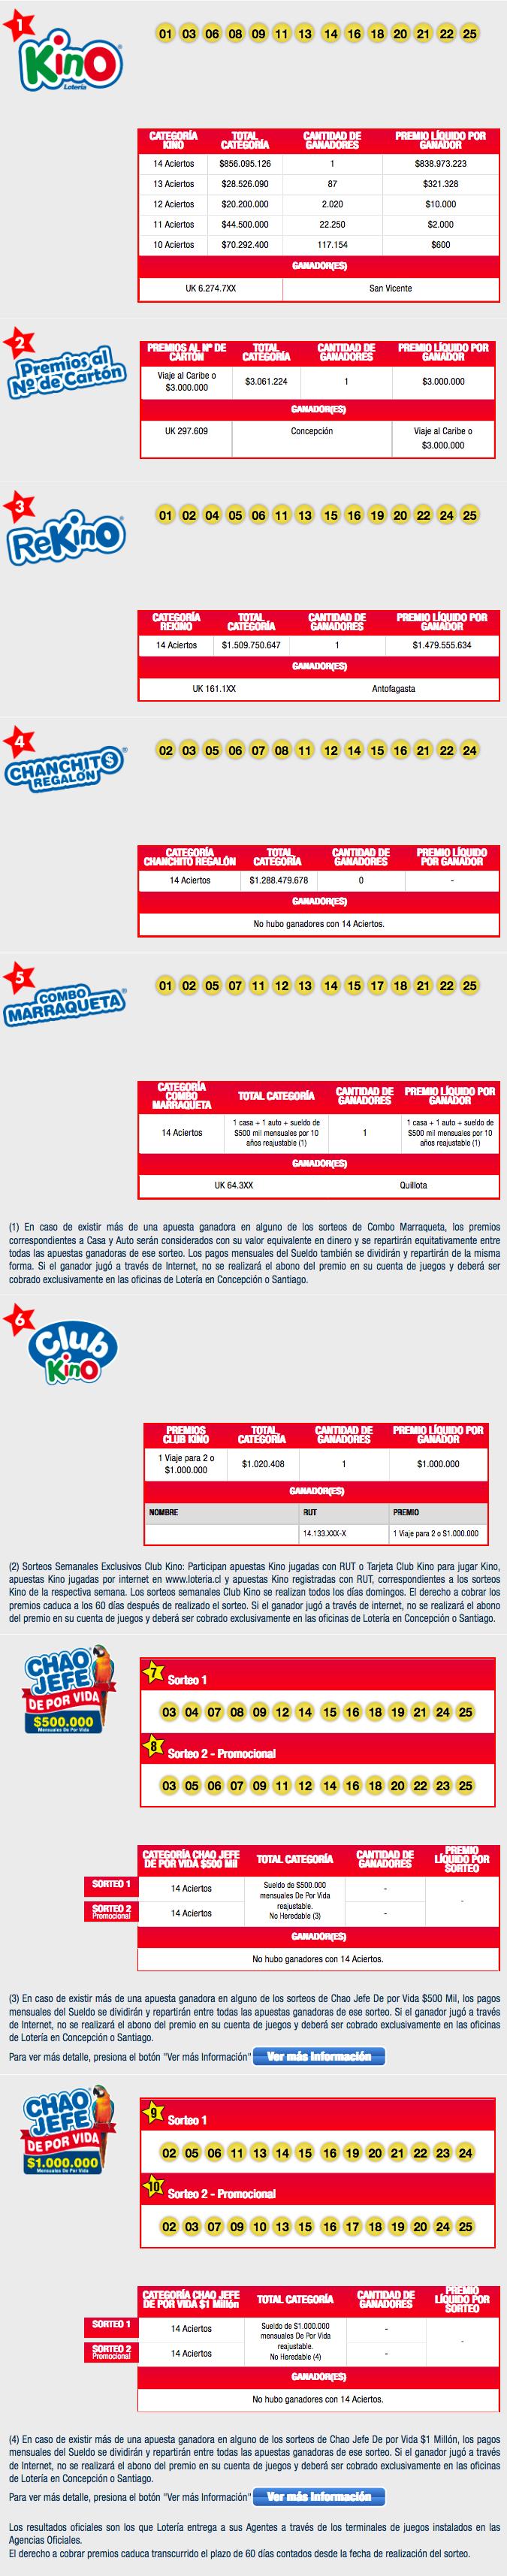 Resultados Completos Kino Loteria.cl(4)